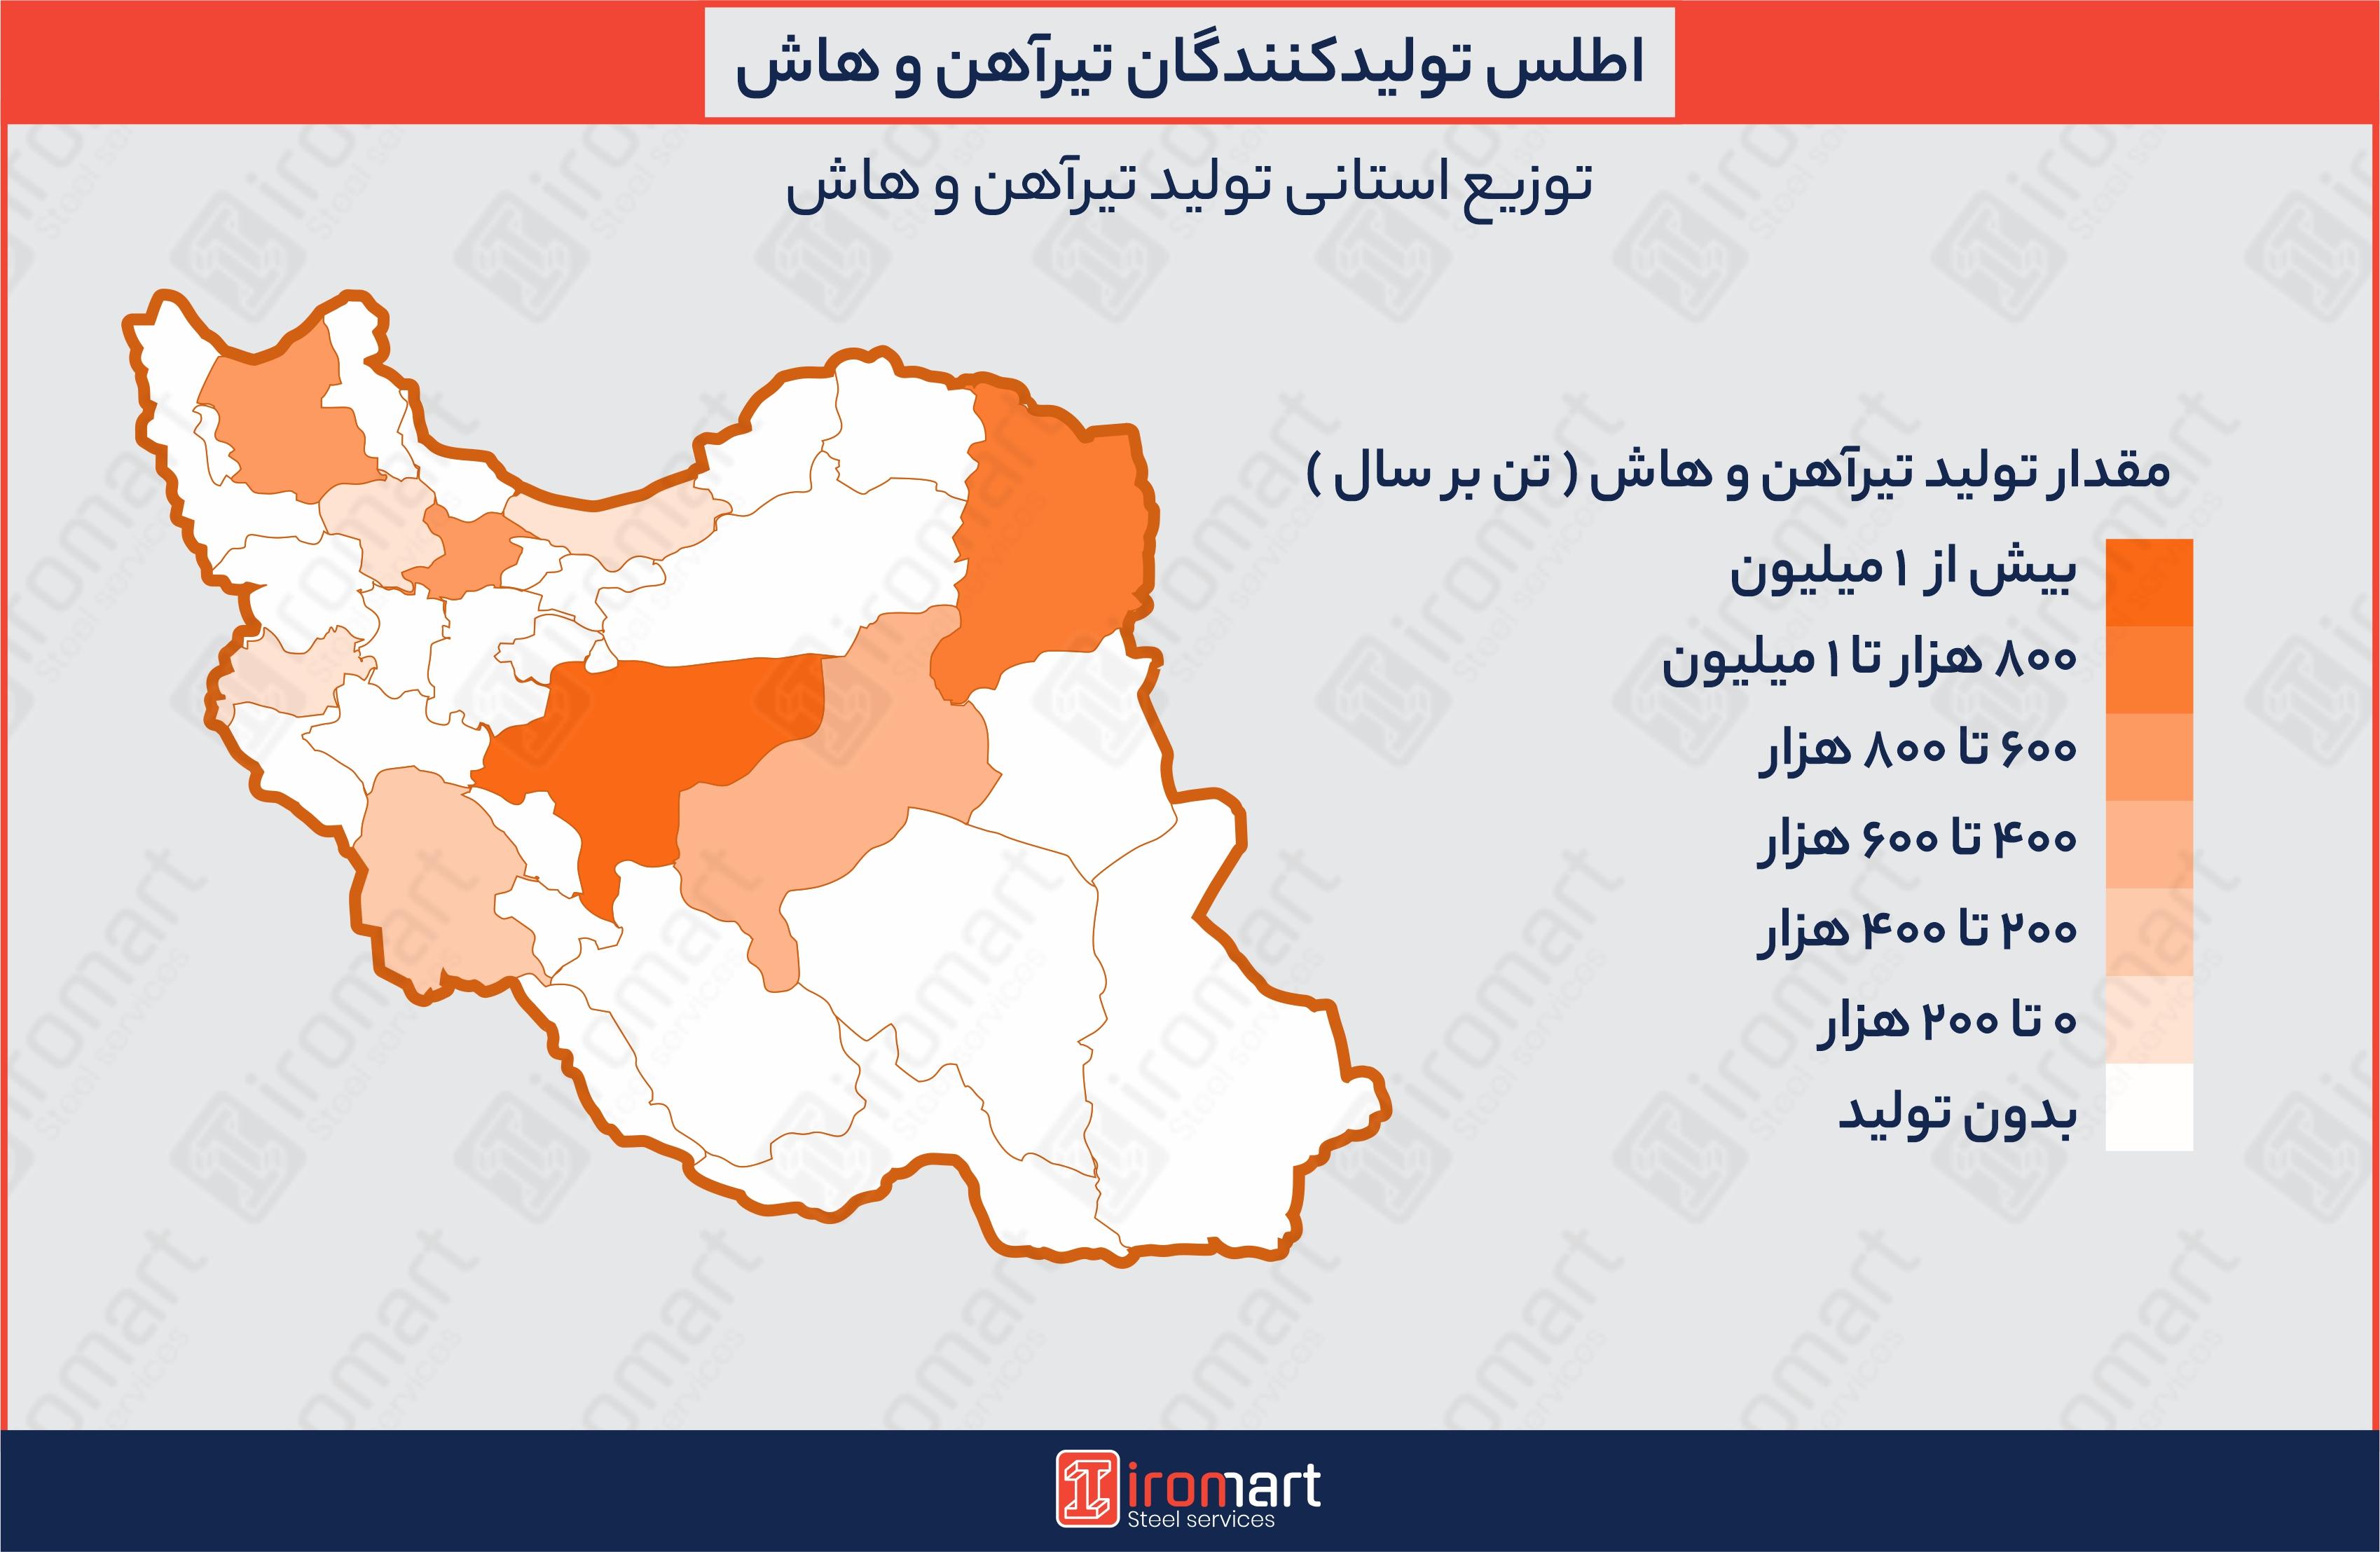 توزیع استانی تولیدکنندگان تیرآهن و هاش در ایران